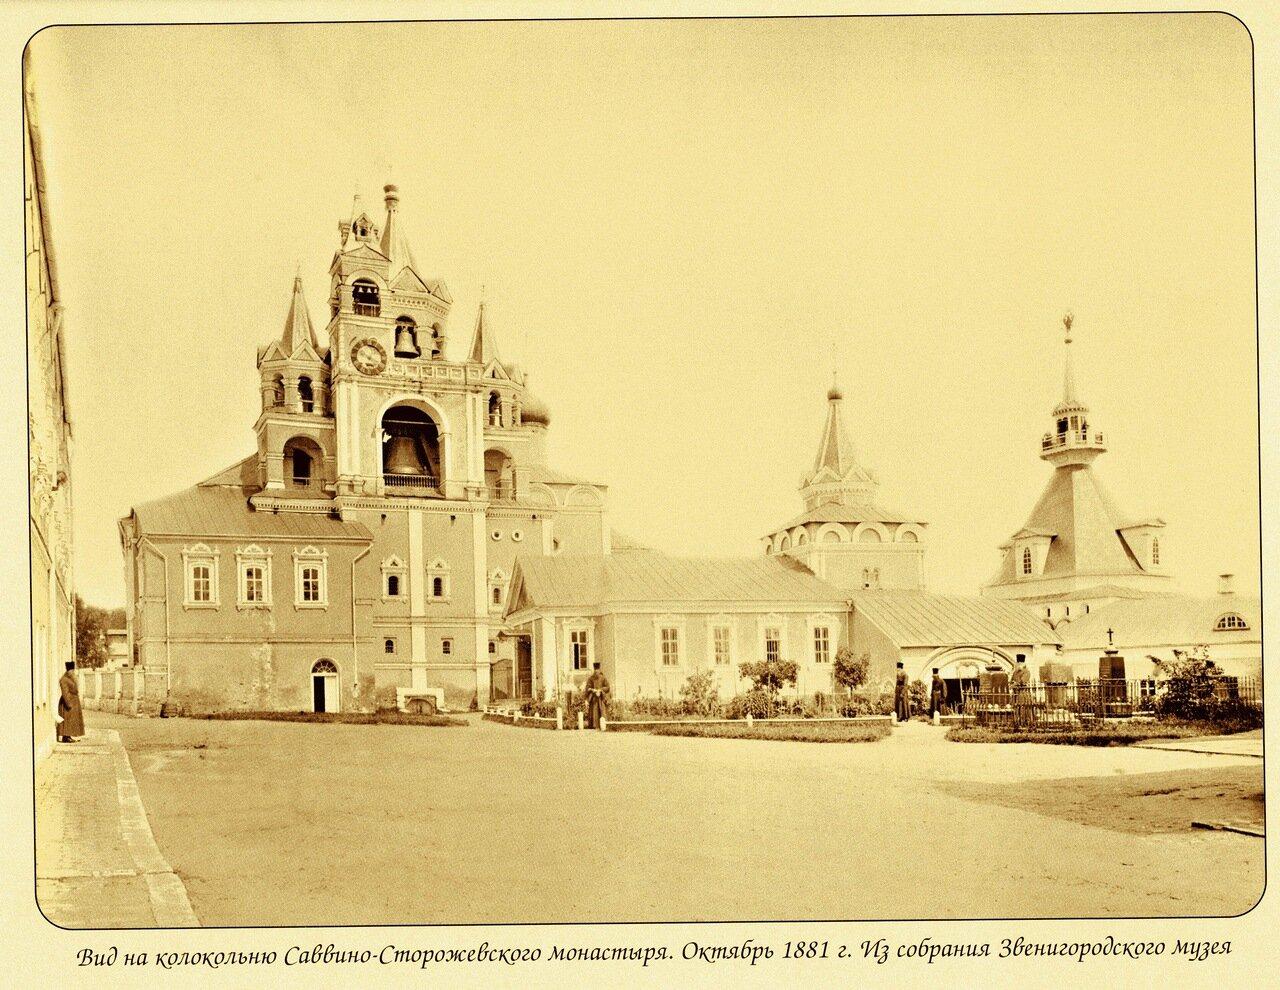 Вид на колокольню Саввино-Сторожевского монастыря. Октябрь 1881